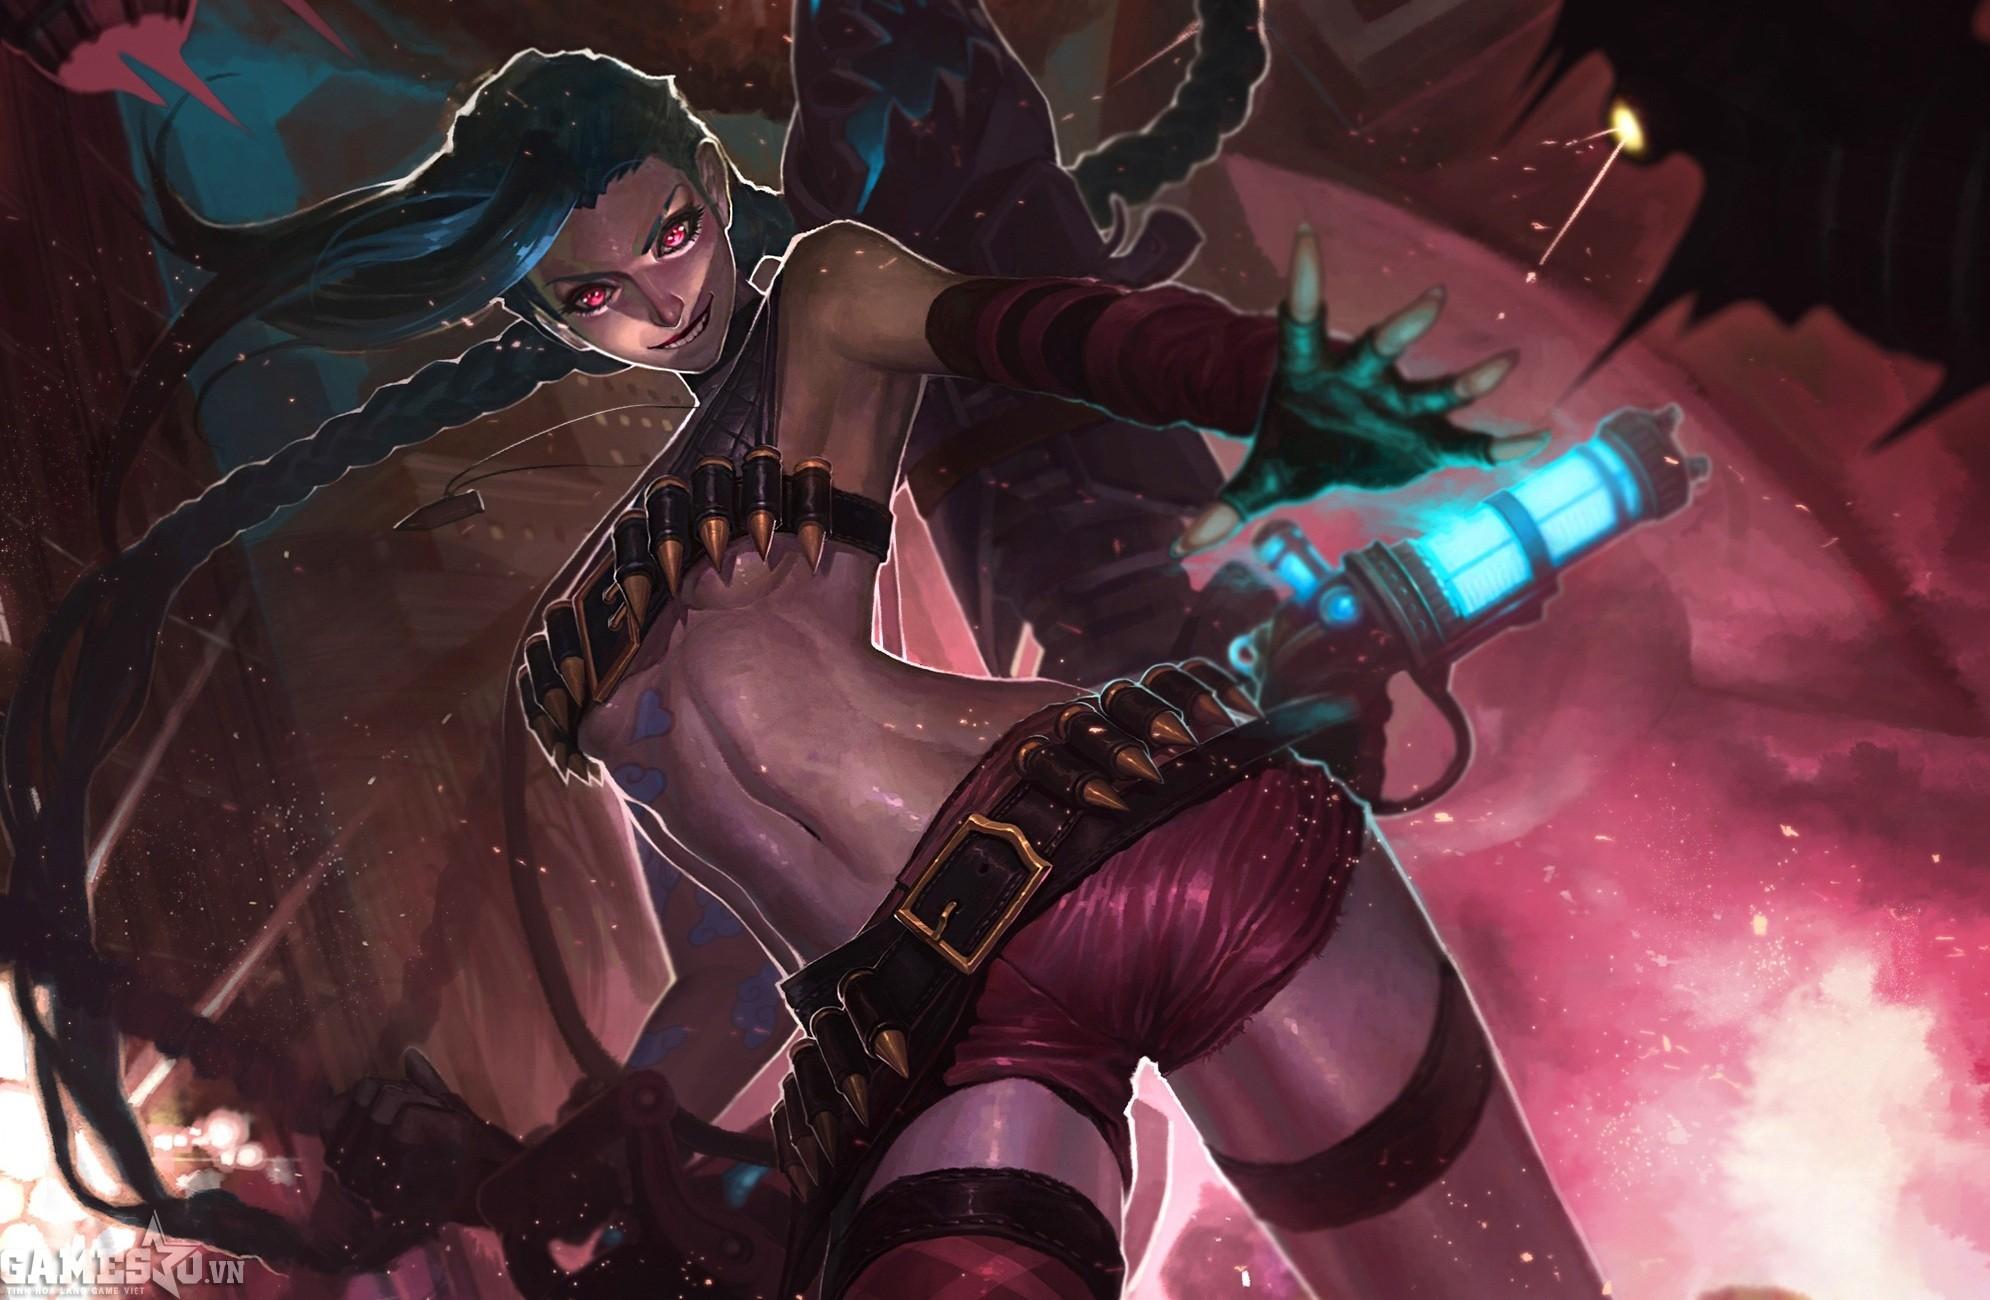 Jinx – Thật dễ dàng để cô nàng này kiếm được các điểm hạ gục bằng chiêu  cuối để có thể quay trở lại giao tranh mạnh mẽ. Nội tại của Jinx là quá mạnh !